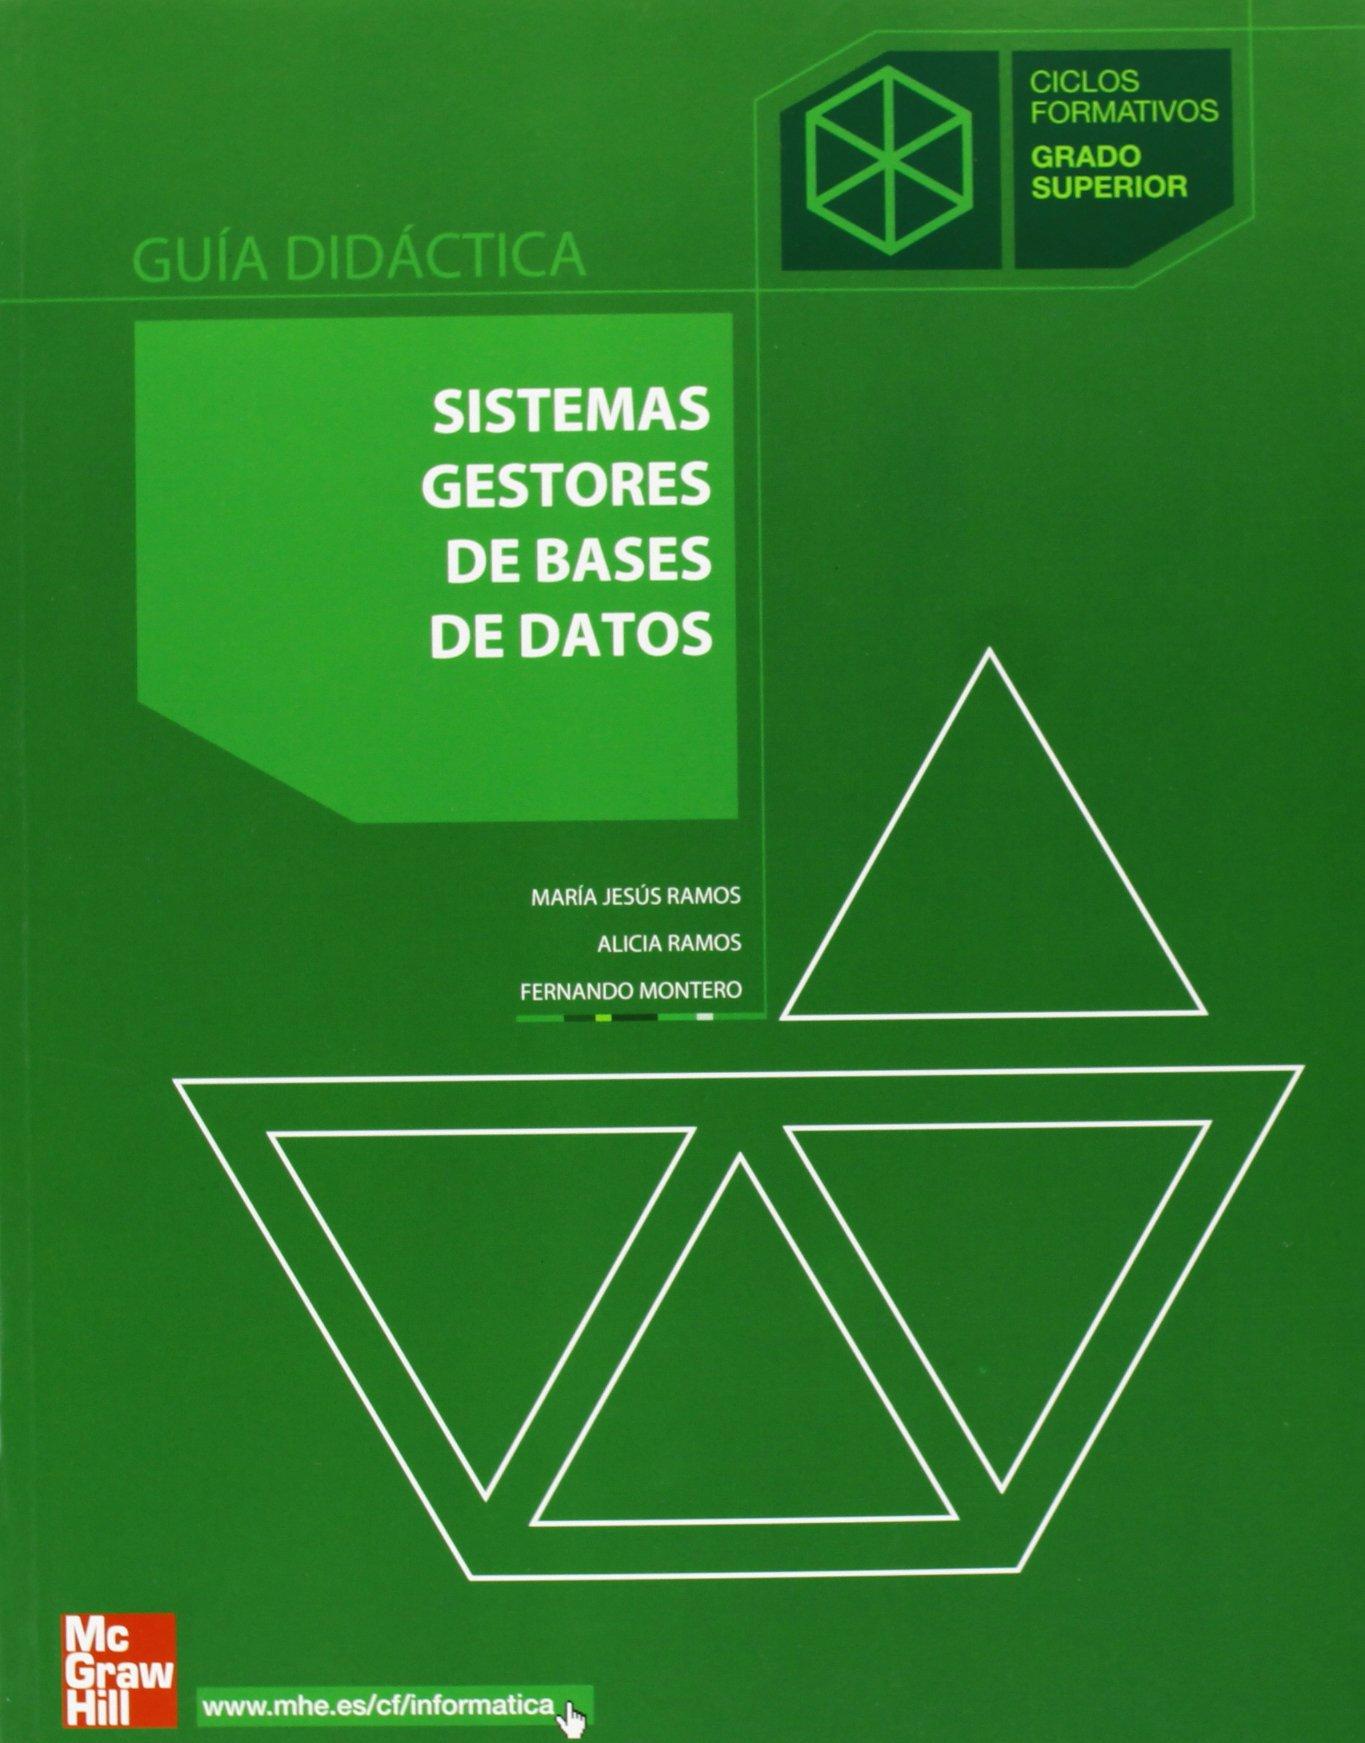 Gd Sistemas Gestores De Bases De Datos Guía Didáctica Grado Superior Amazon Es Ramos Martín Libros